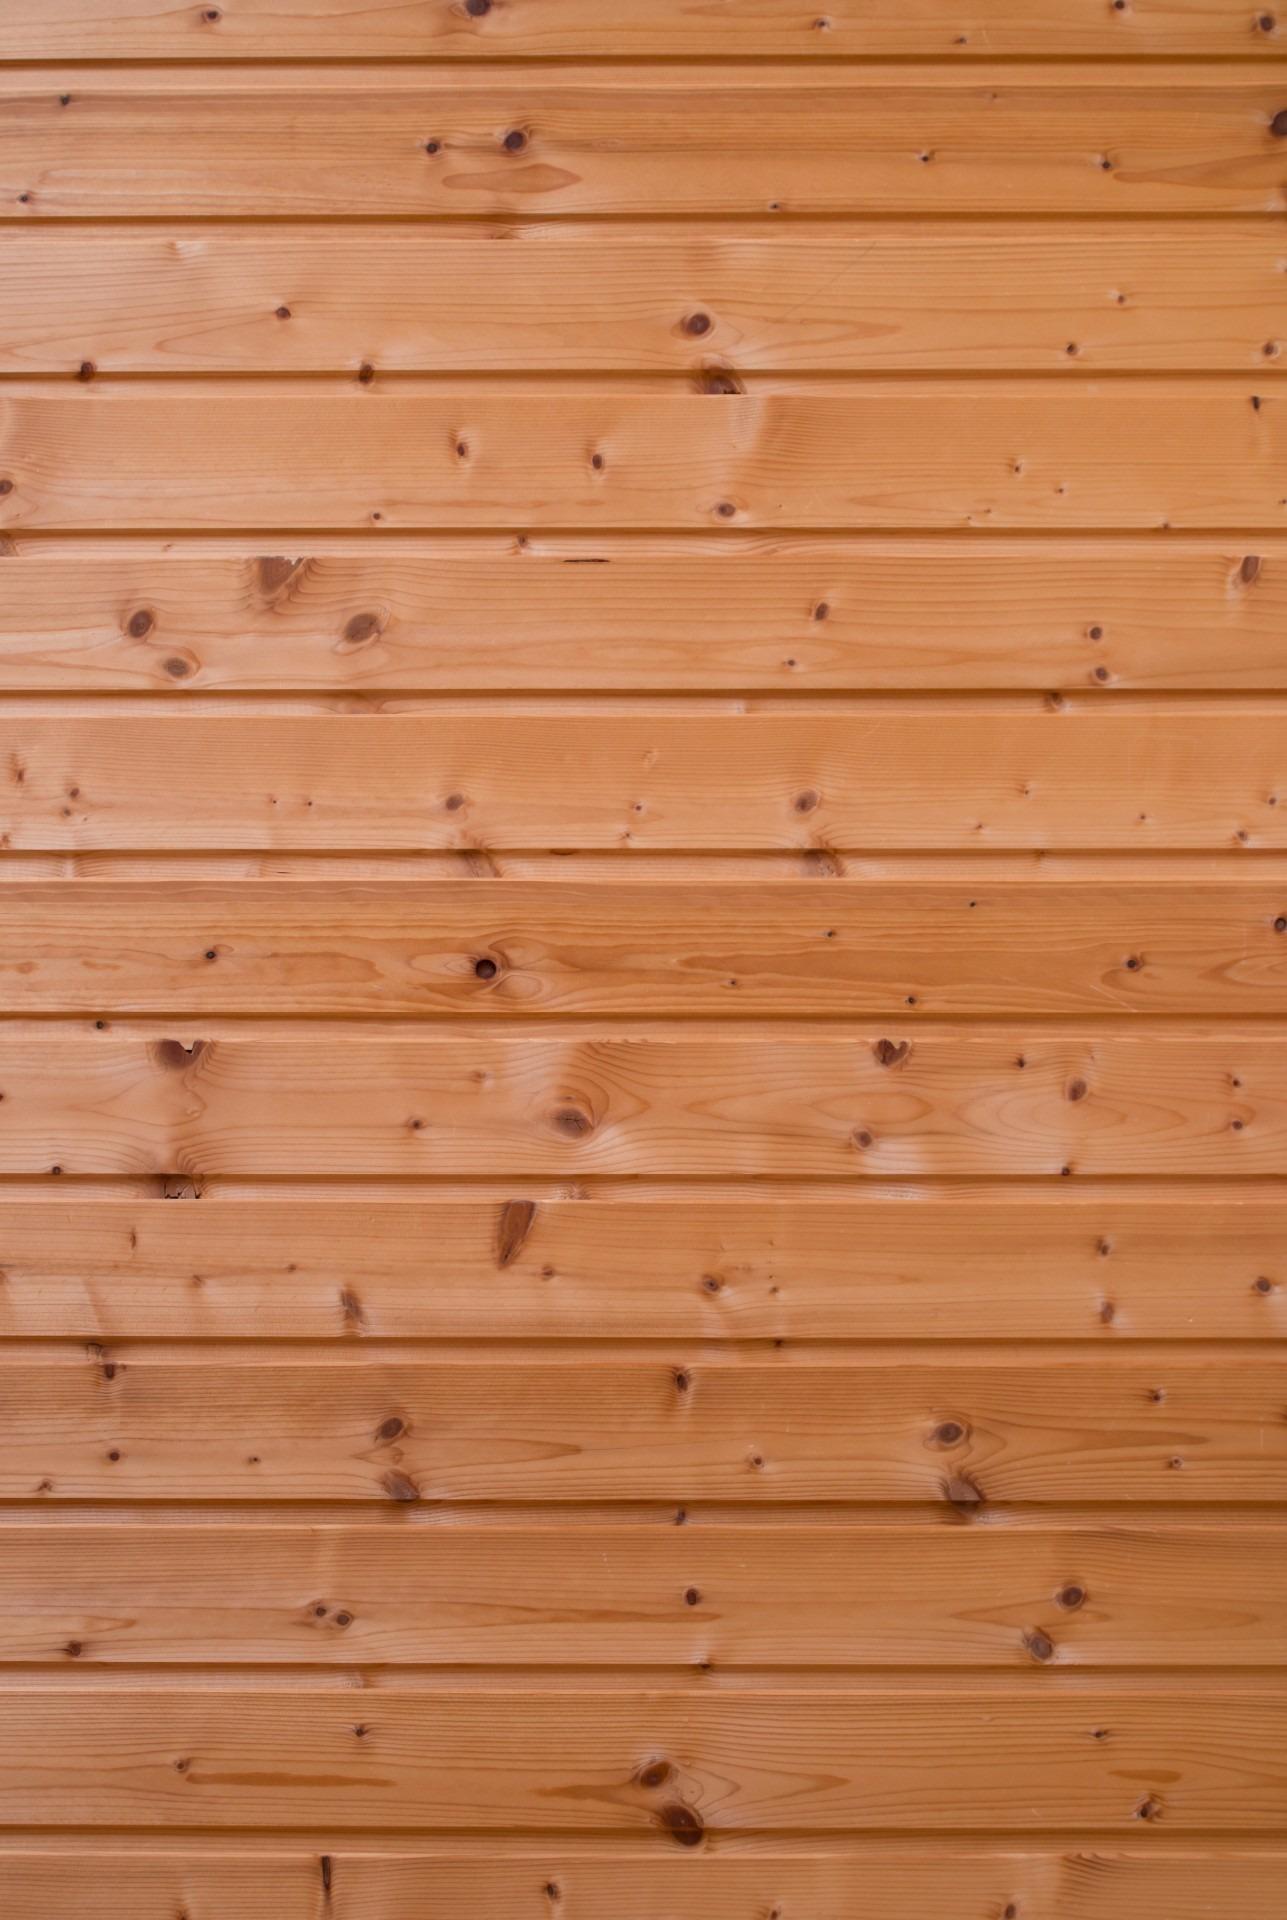 ... Hintergrund, Fichte, Hartholz, Tafeln, Abstellgleis, Bodenbelag,  Sperrholz, Holzboden, Außenstruktur, Laminatboden, Holzbeize, Baumbesatz  1287x1920